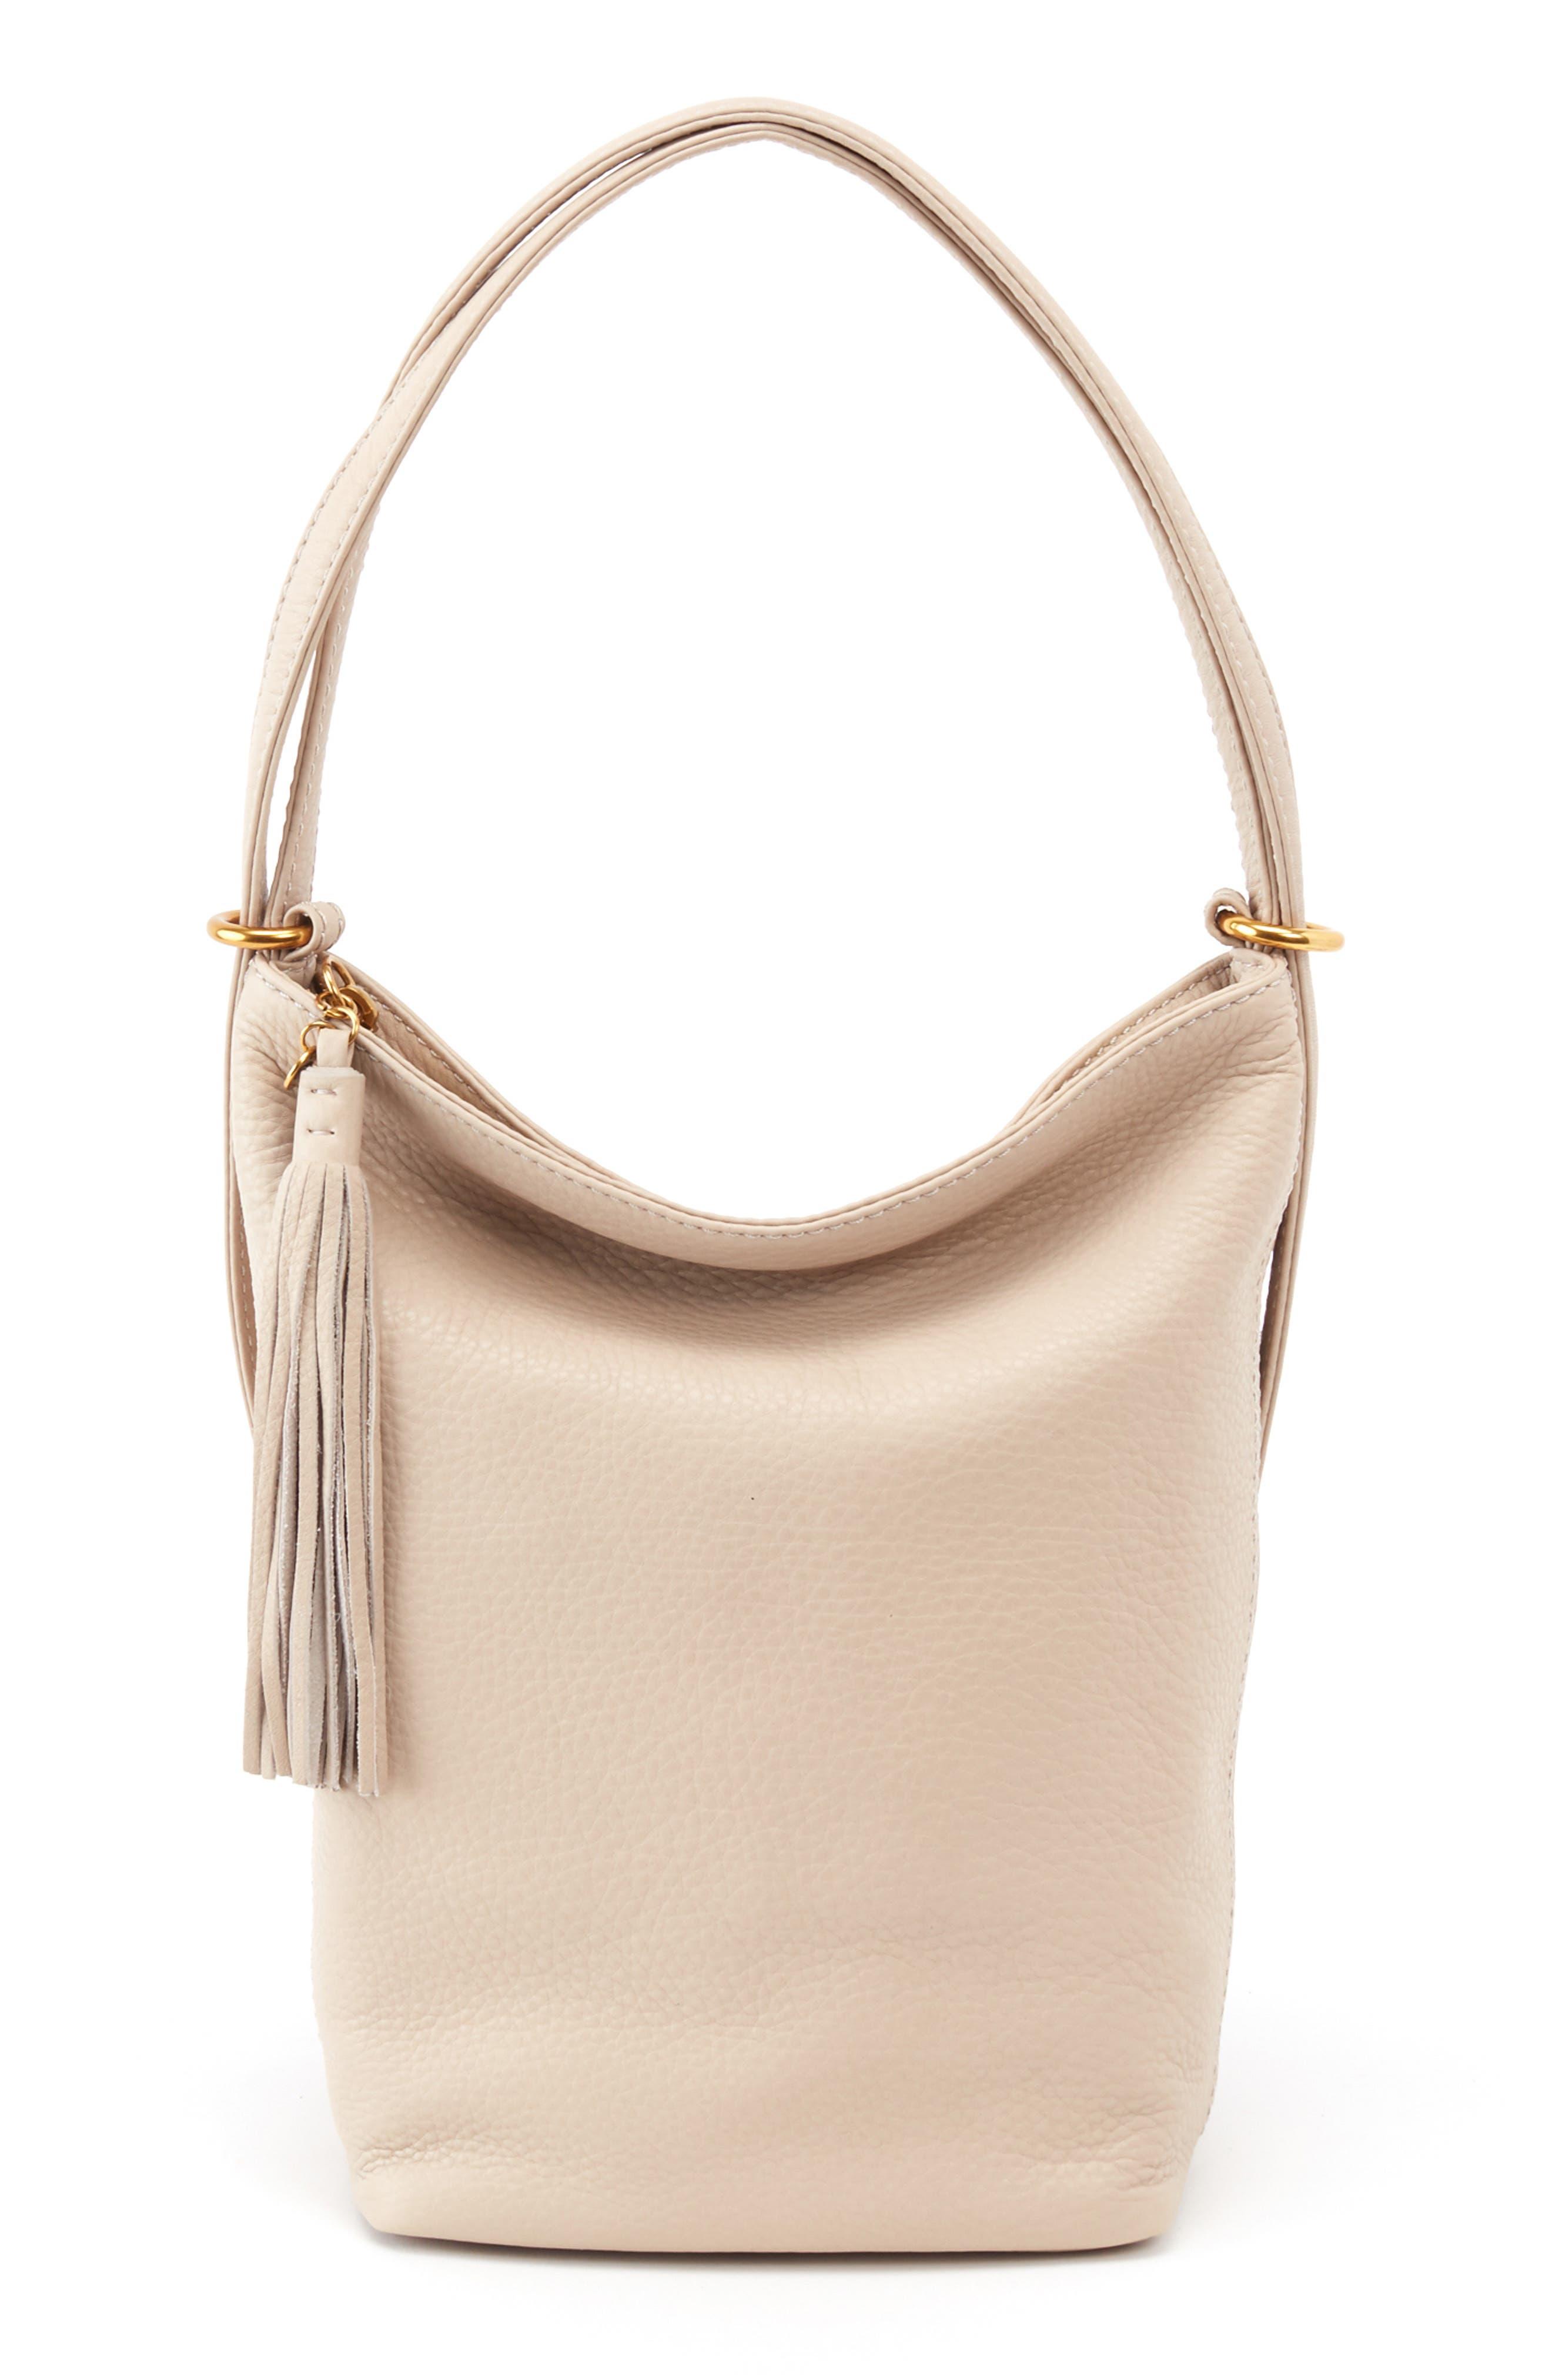 d4e2e7f08 Hobo 'Blaze' Convertible Leather Shoulder Bag - Ivory